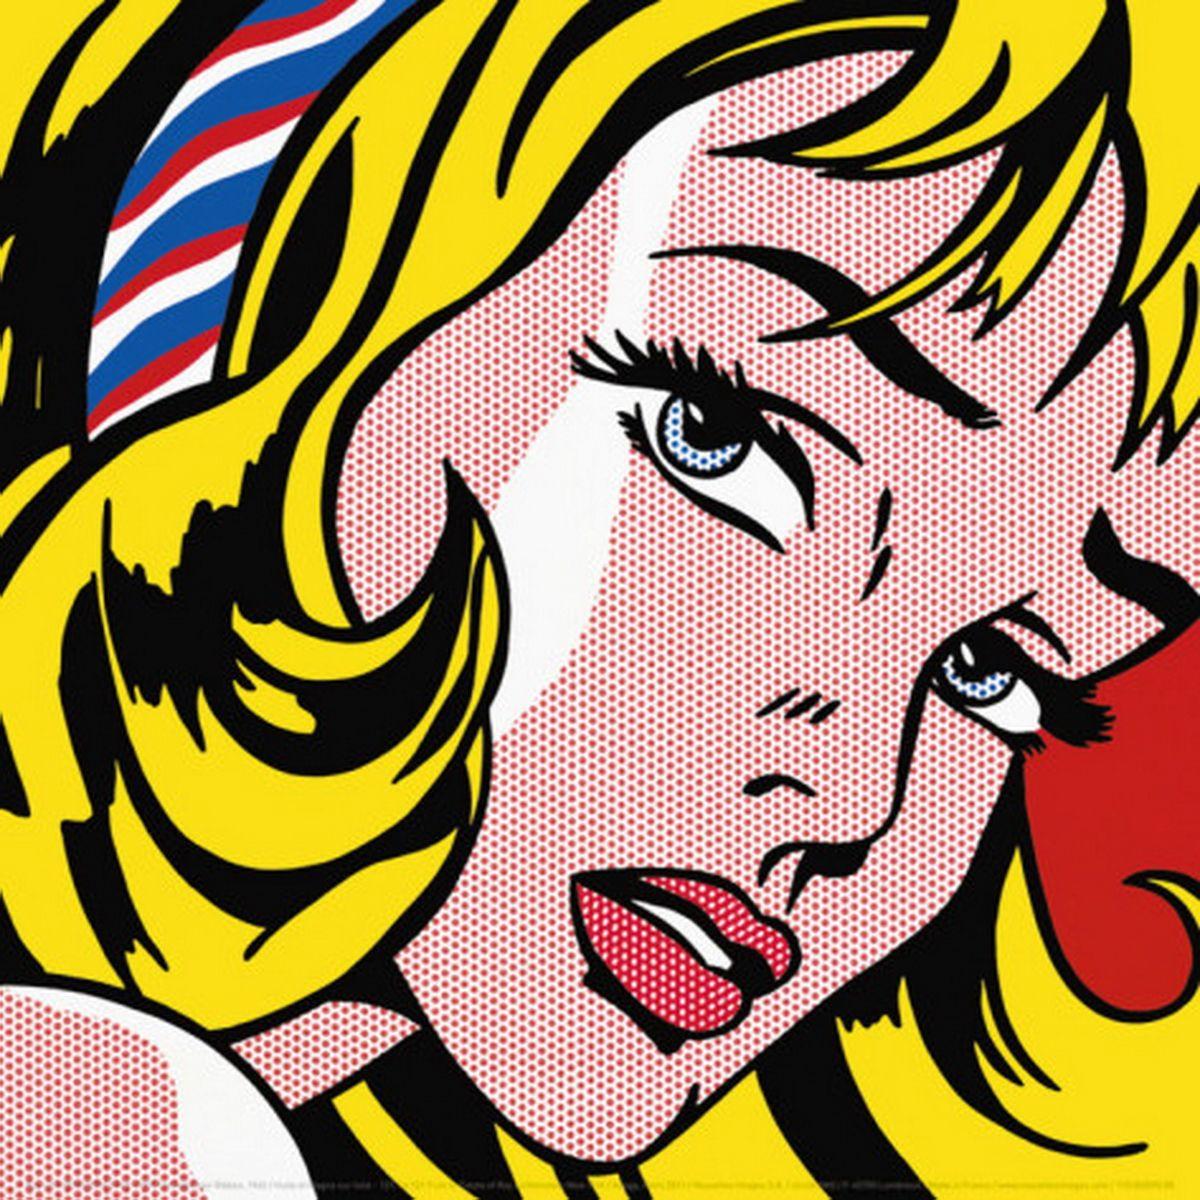 Roy Lichtenstein Girl With Hair Ribbon Artpop Roy Lichtenstein Pop Art